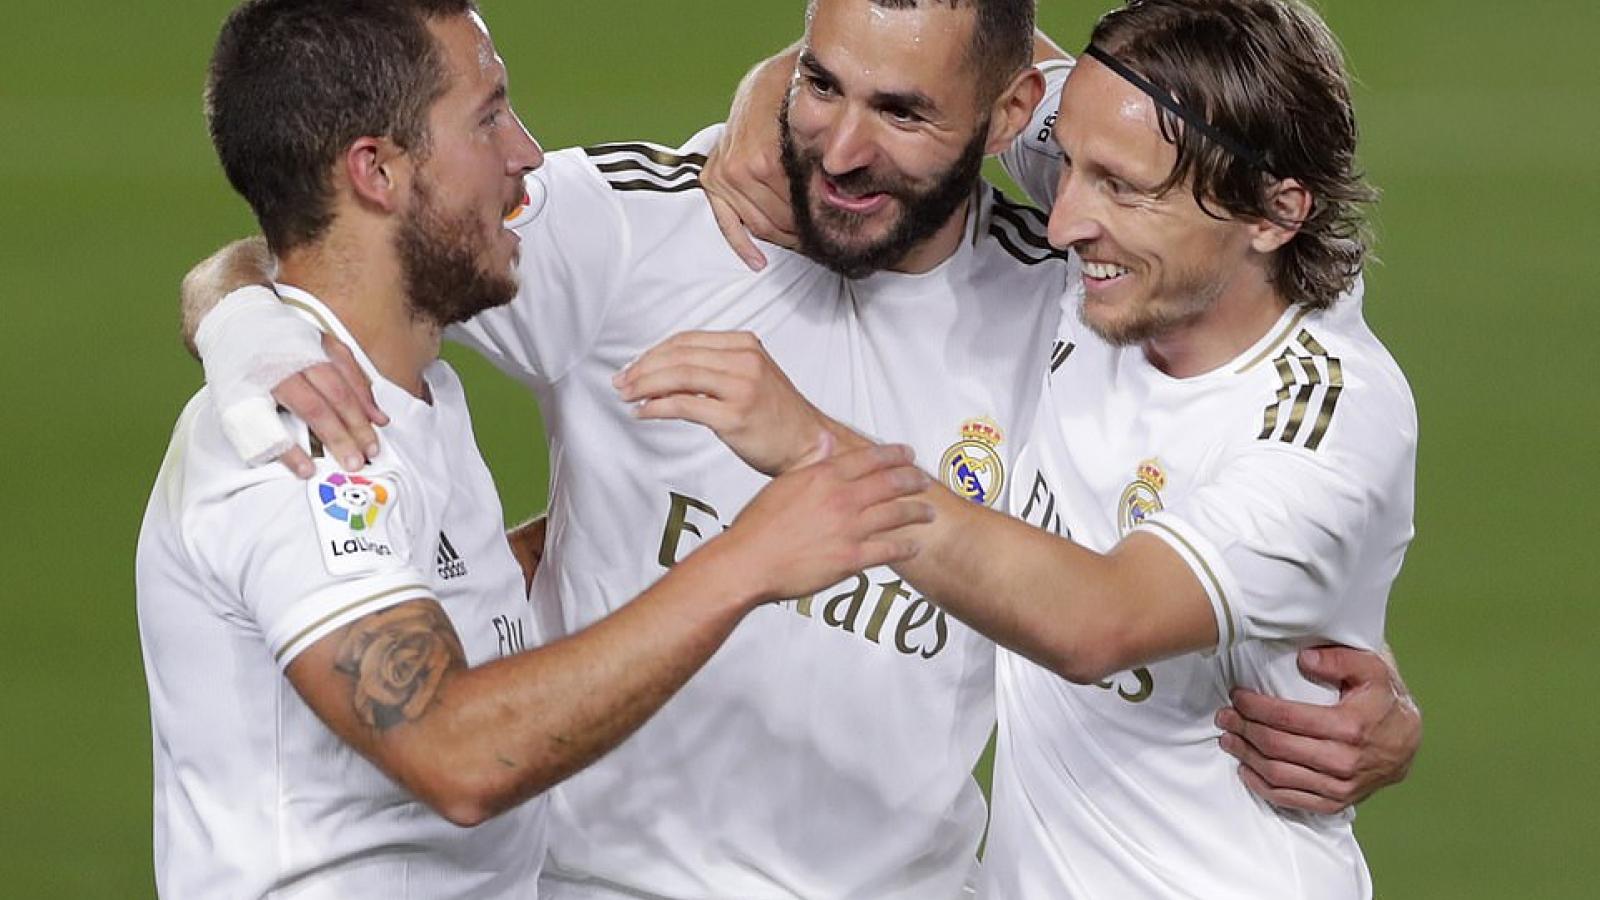 """Sociedad - Real Madrid: Cơ hội vàng của """"Kền kền trắng"""""""